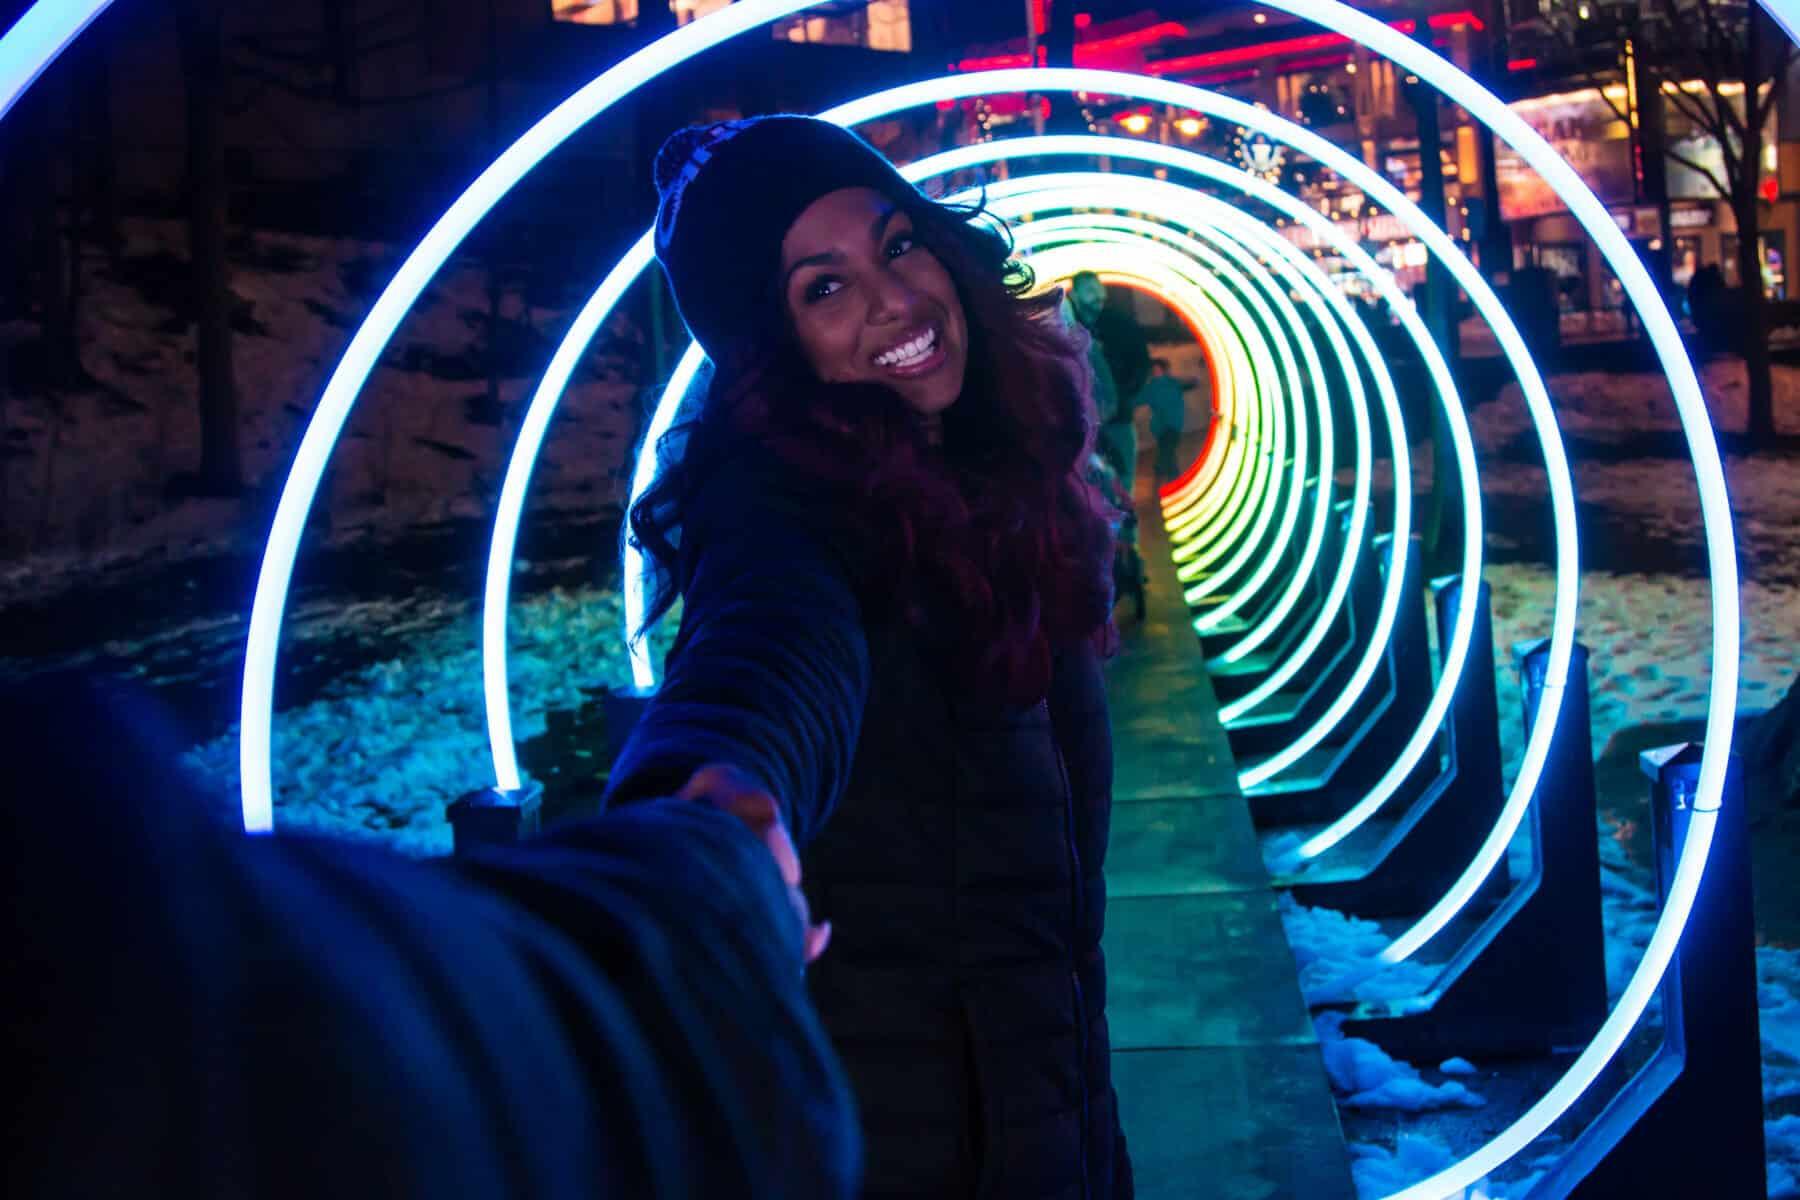 Winter Festival of Light